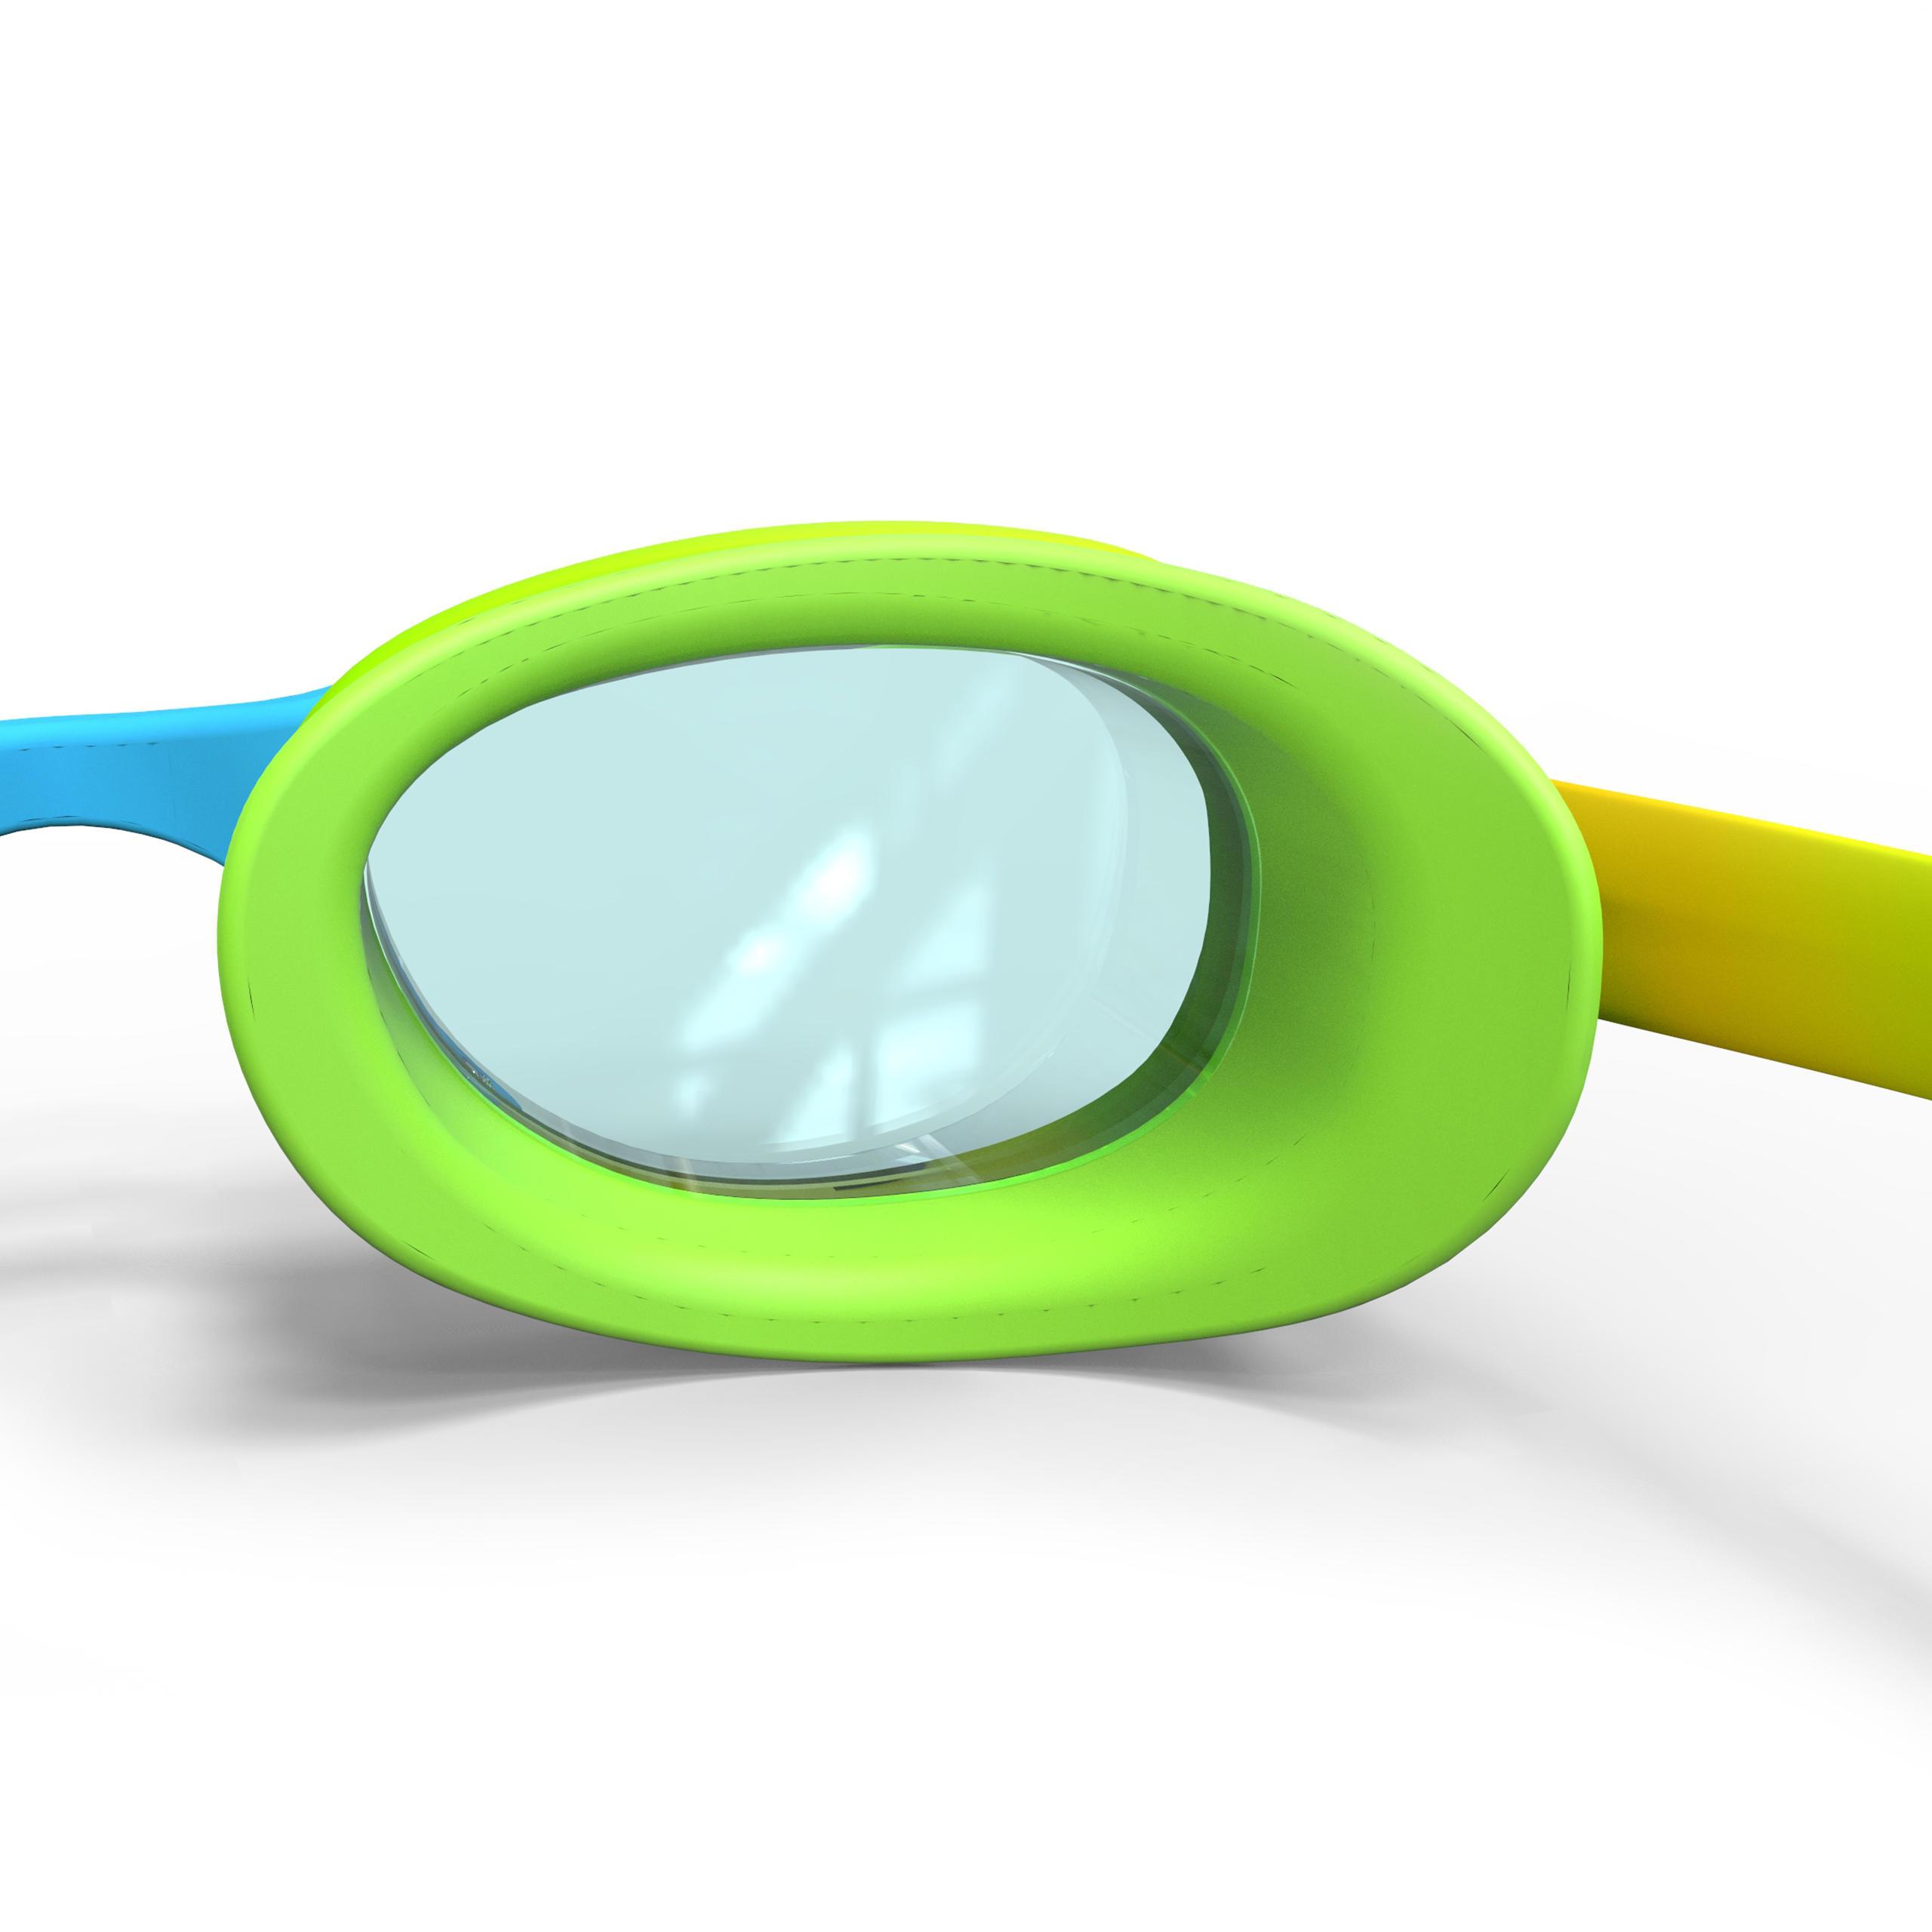 Xbase Print Swimming Goggles Size S - Dye Green